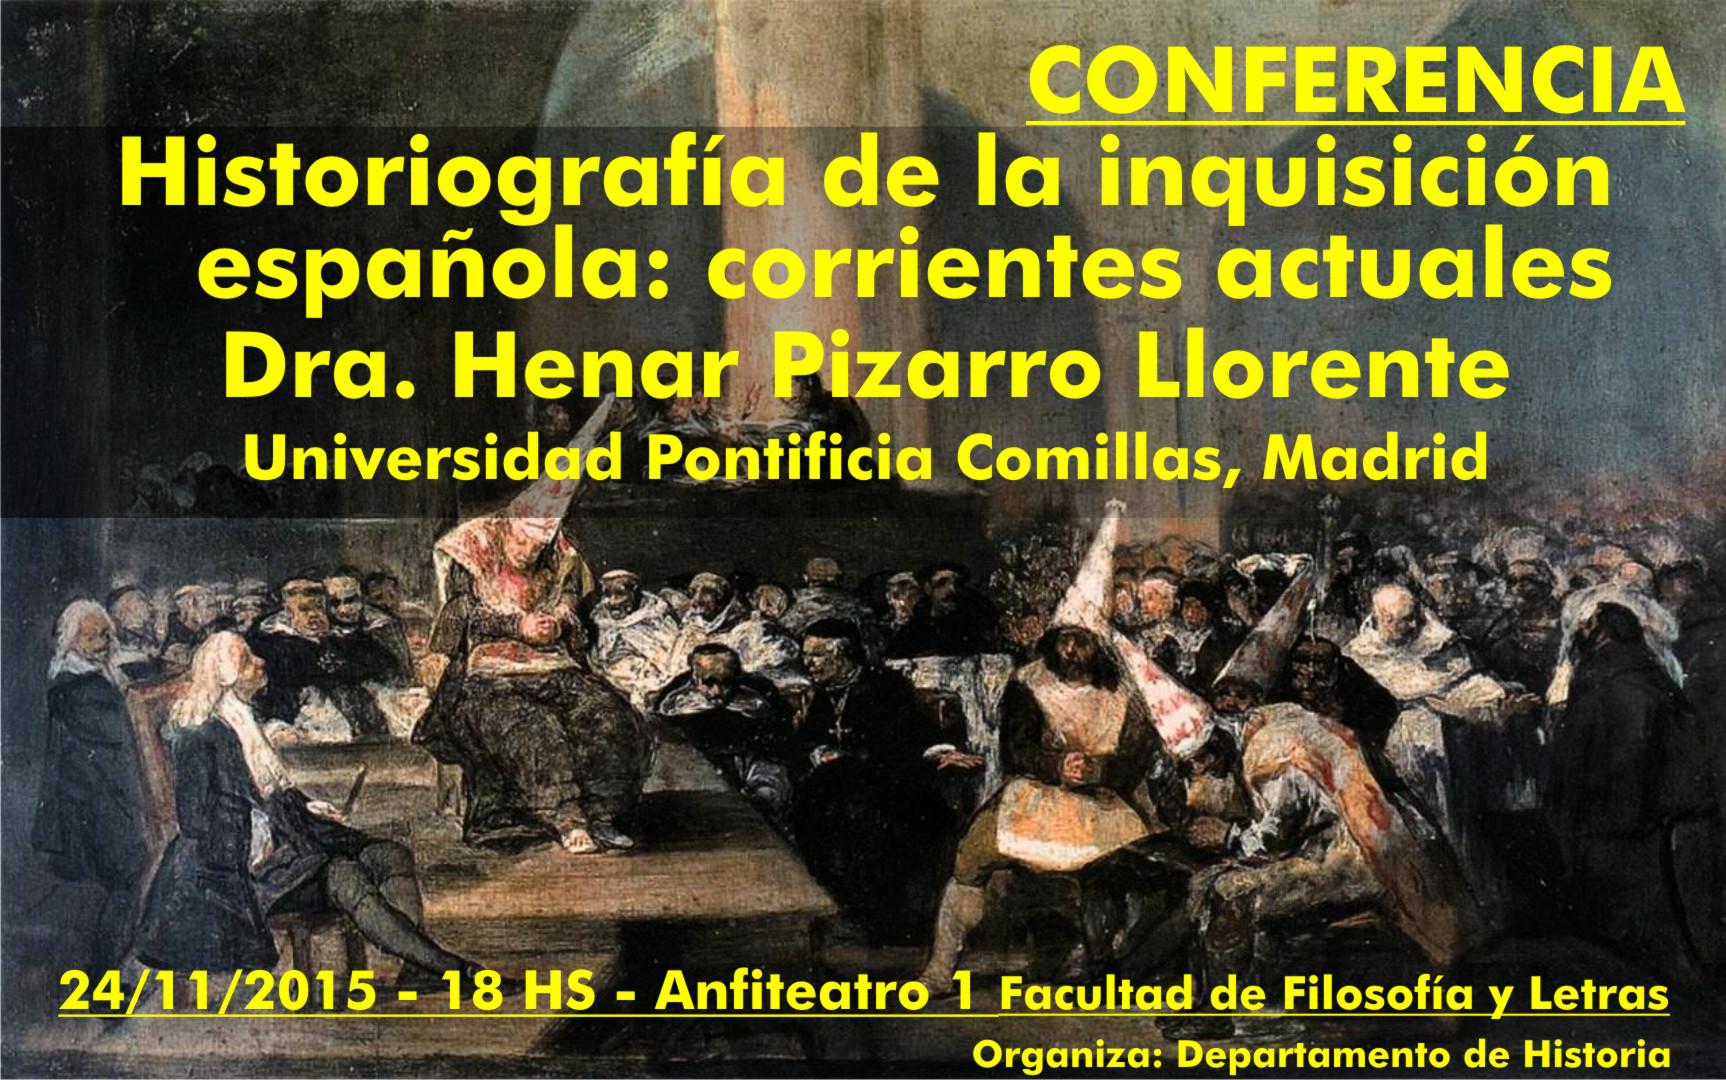 Conferencia historiograf a de la inquisici n espa ola for Oficina de turismo de comillas